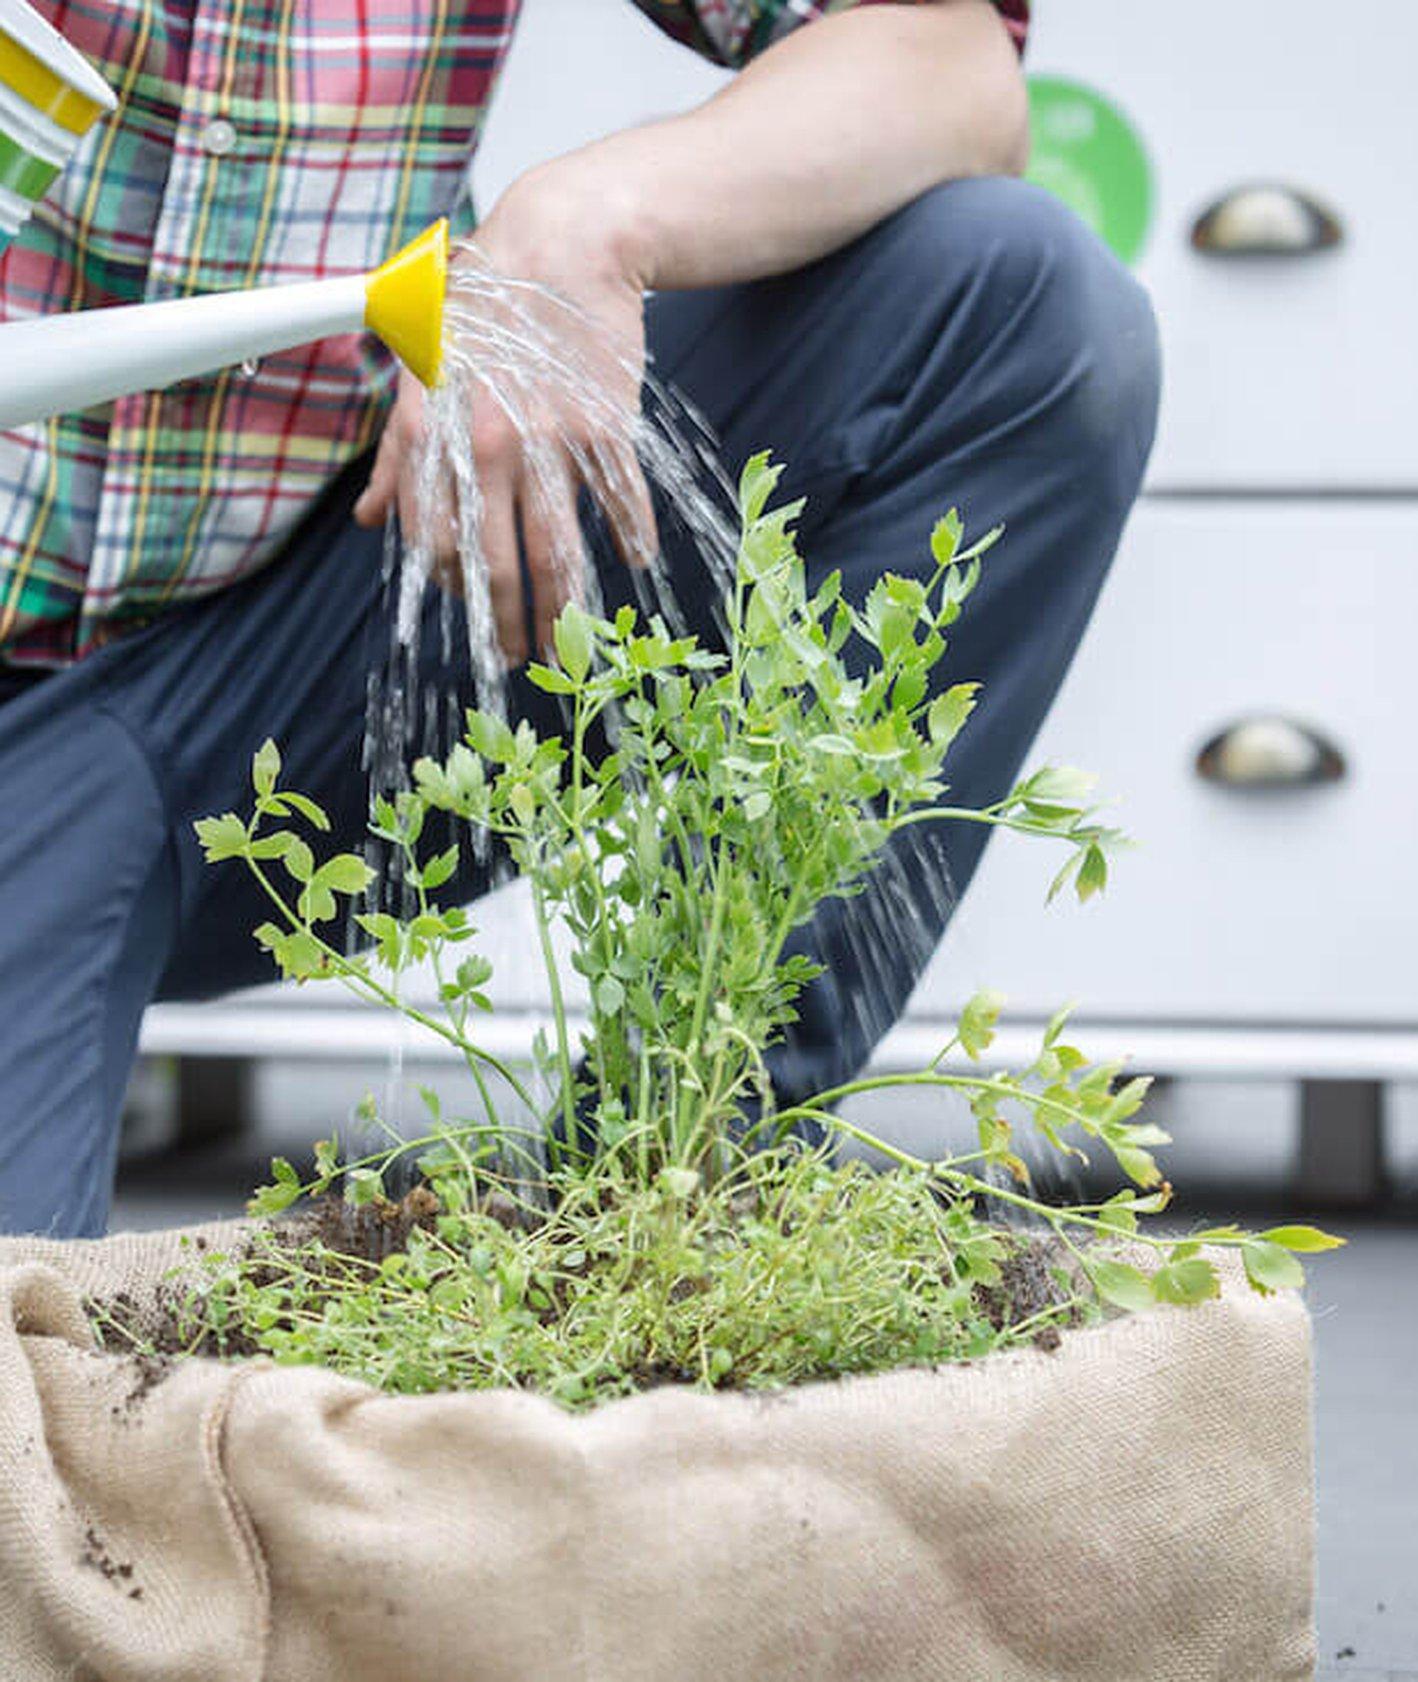 jak zrobić gródek, ogród w domu, domowy ogródek kukbuk